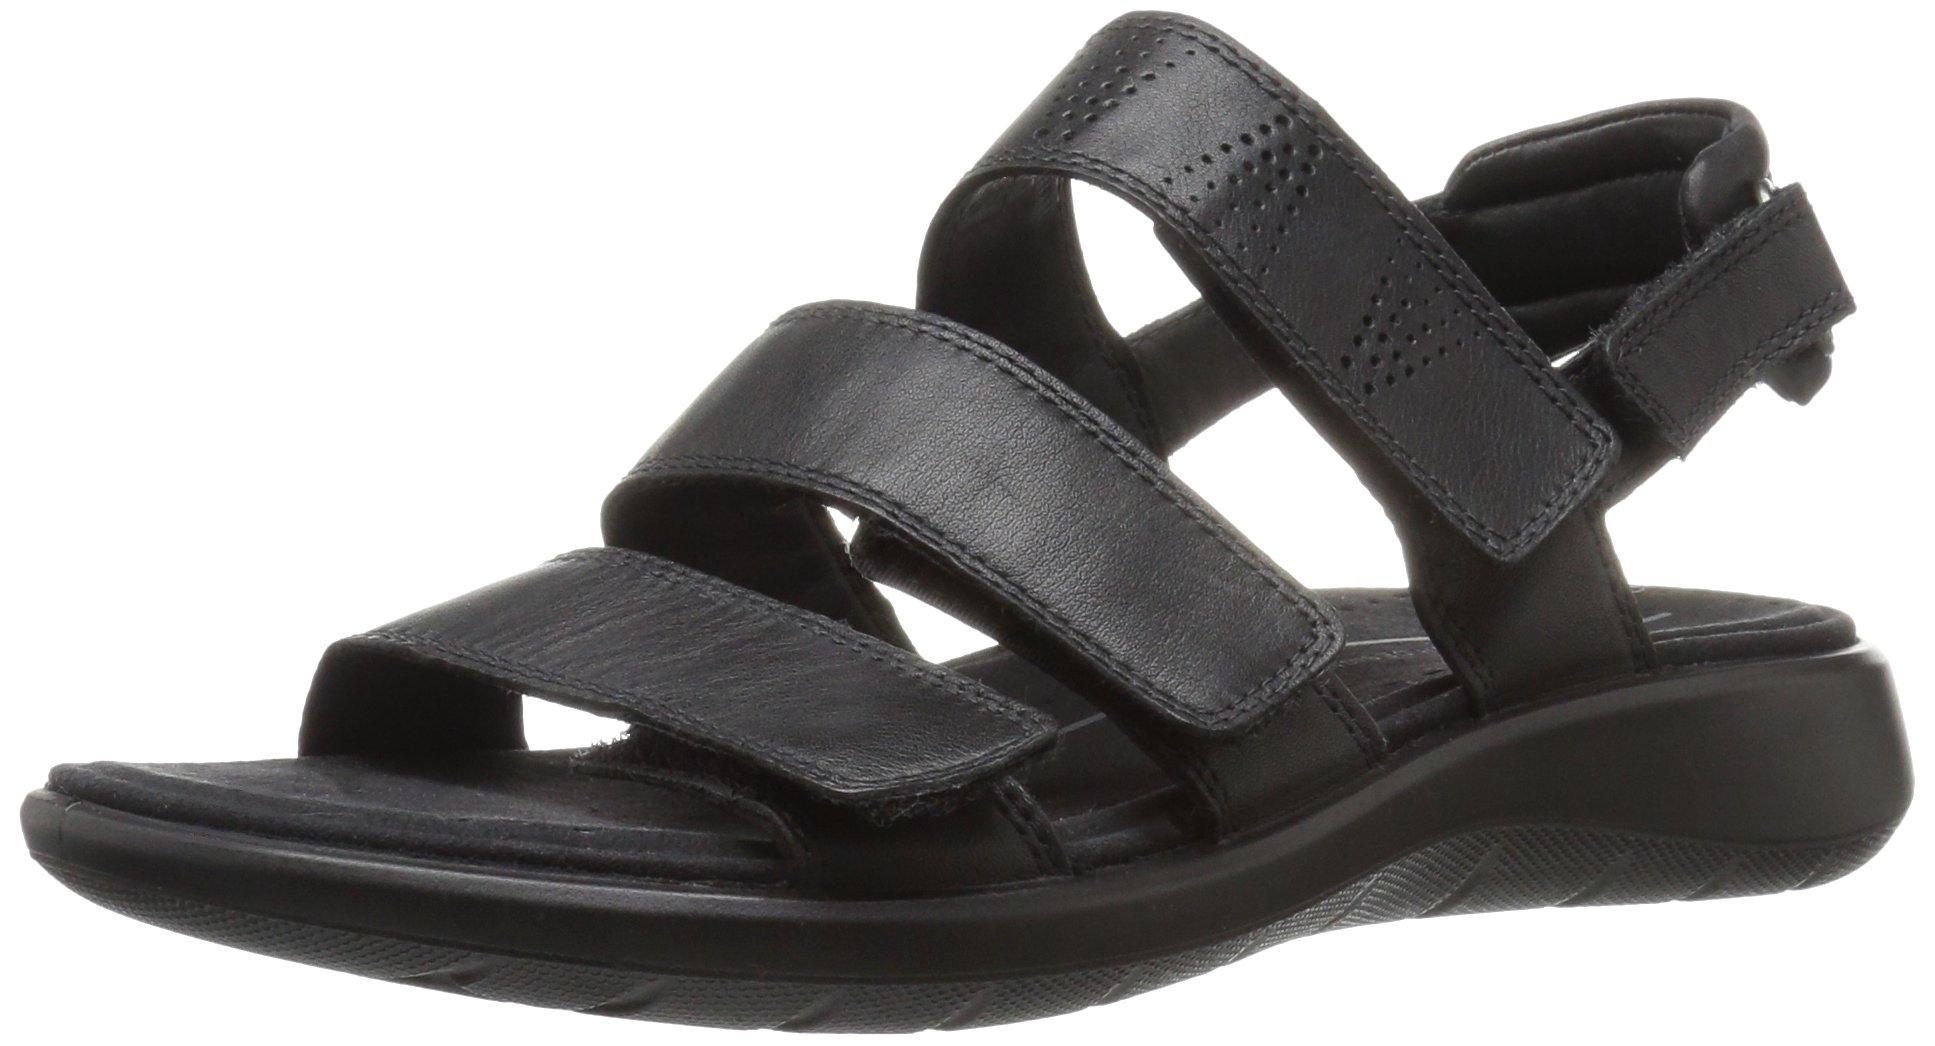 ECCO Women's Women's Soft 5 3-Strap Flat Sandal, Black, 40 EU/9-9.5 M US